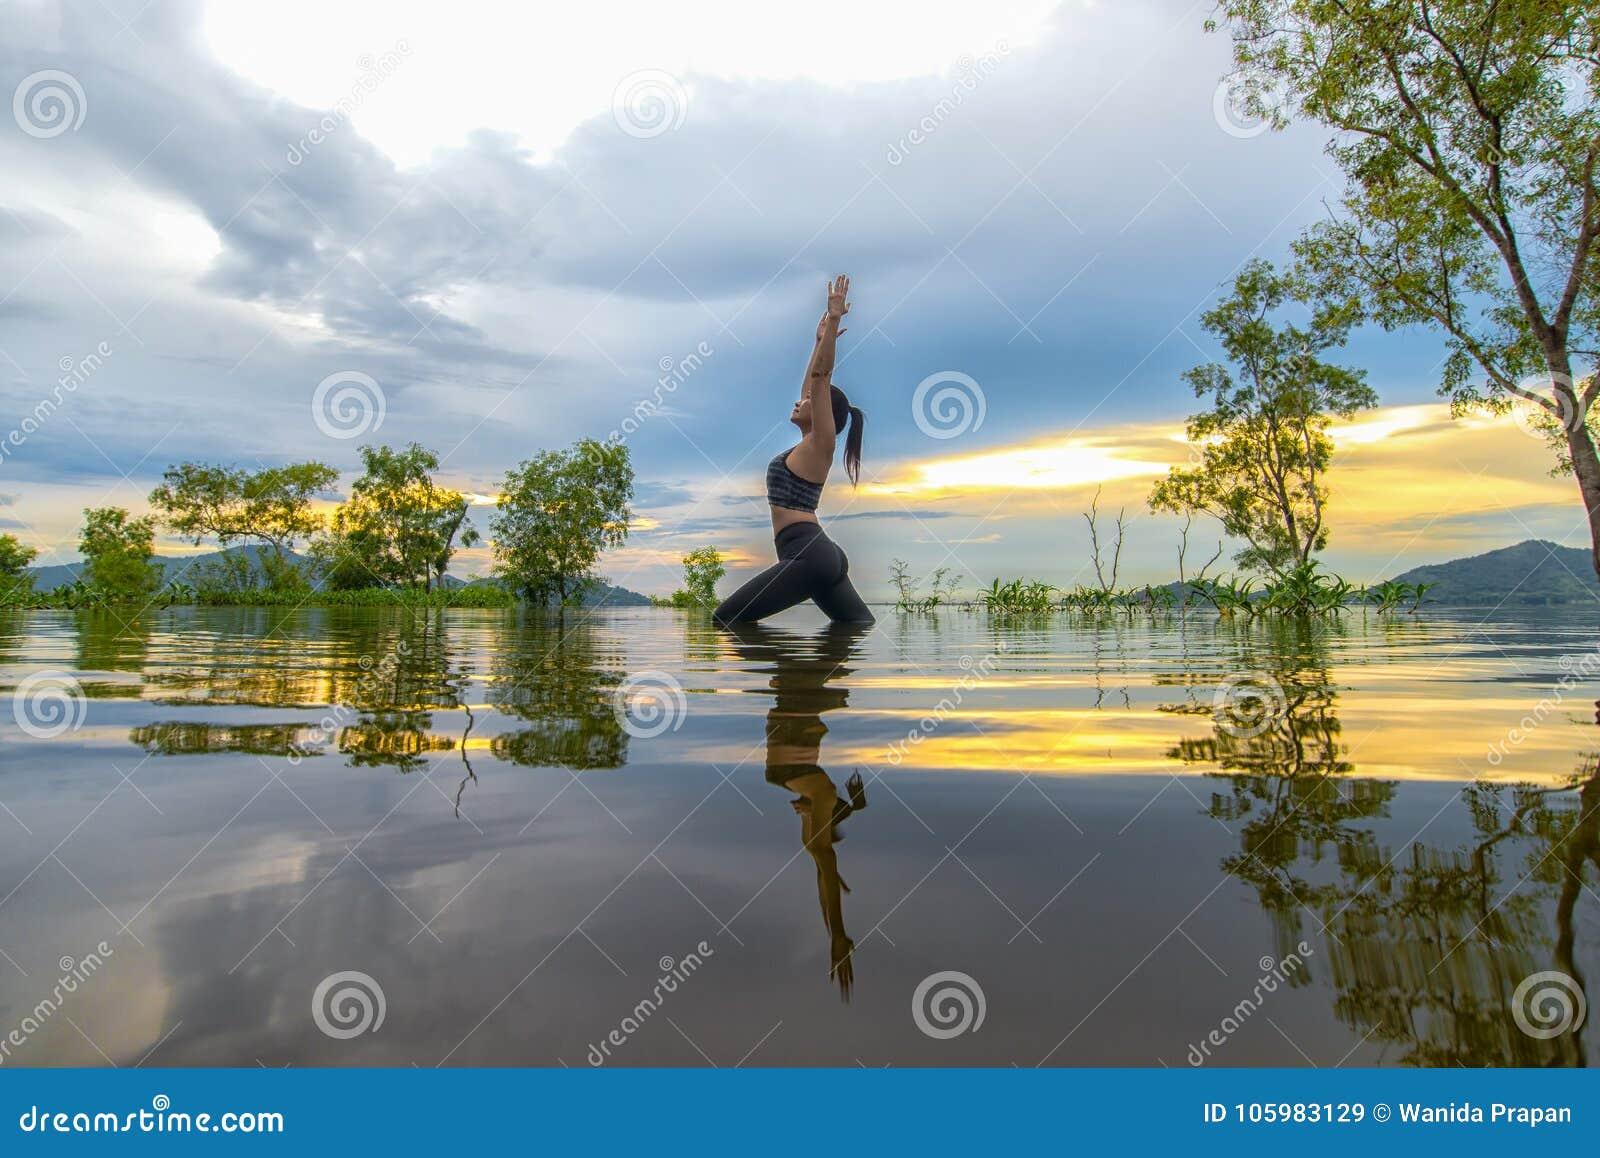 El ejercicio de la forma de vida de la mujer joven de la silueta vital medita y practicando refleje en la inundación del agua el